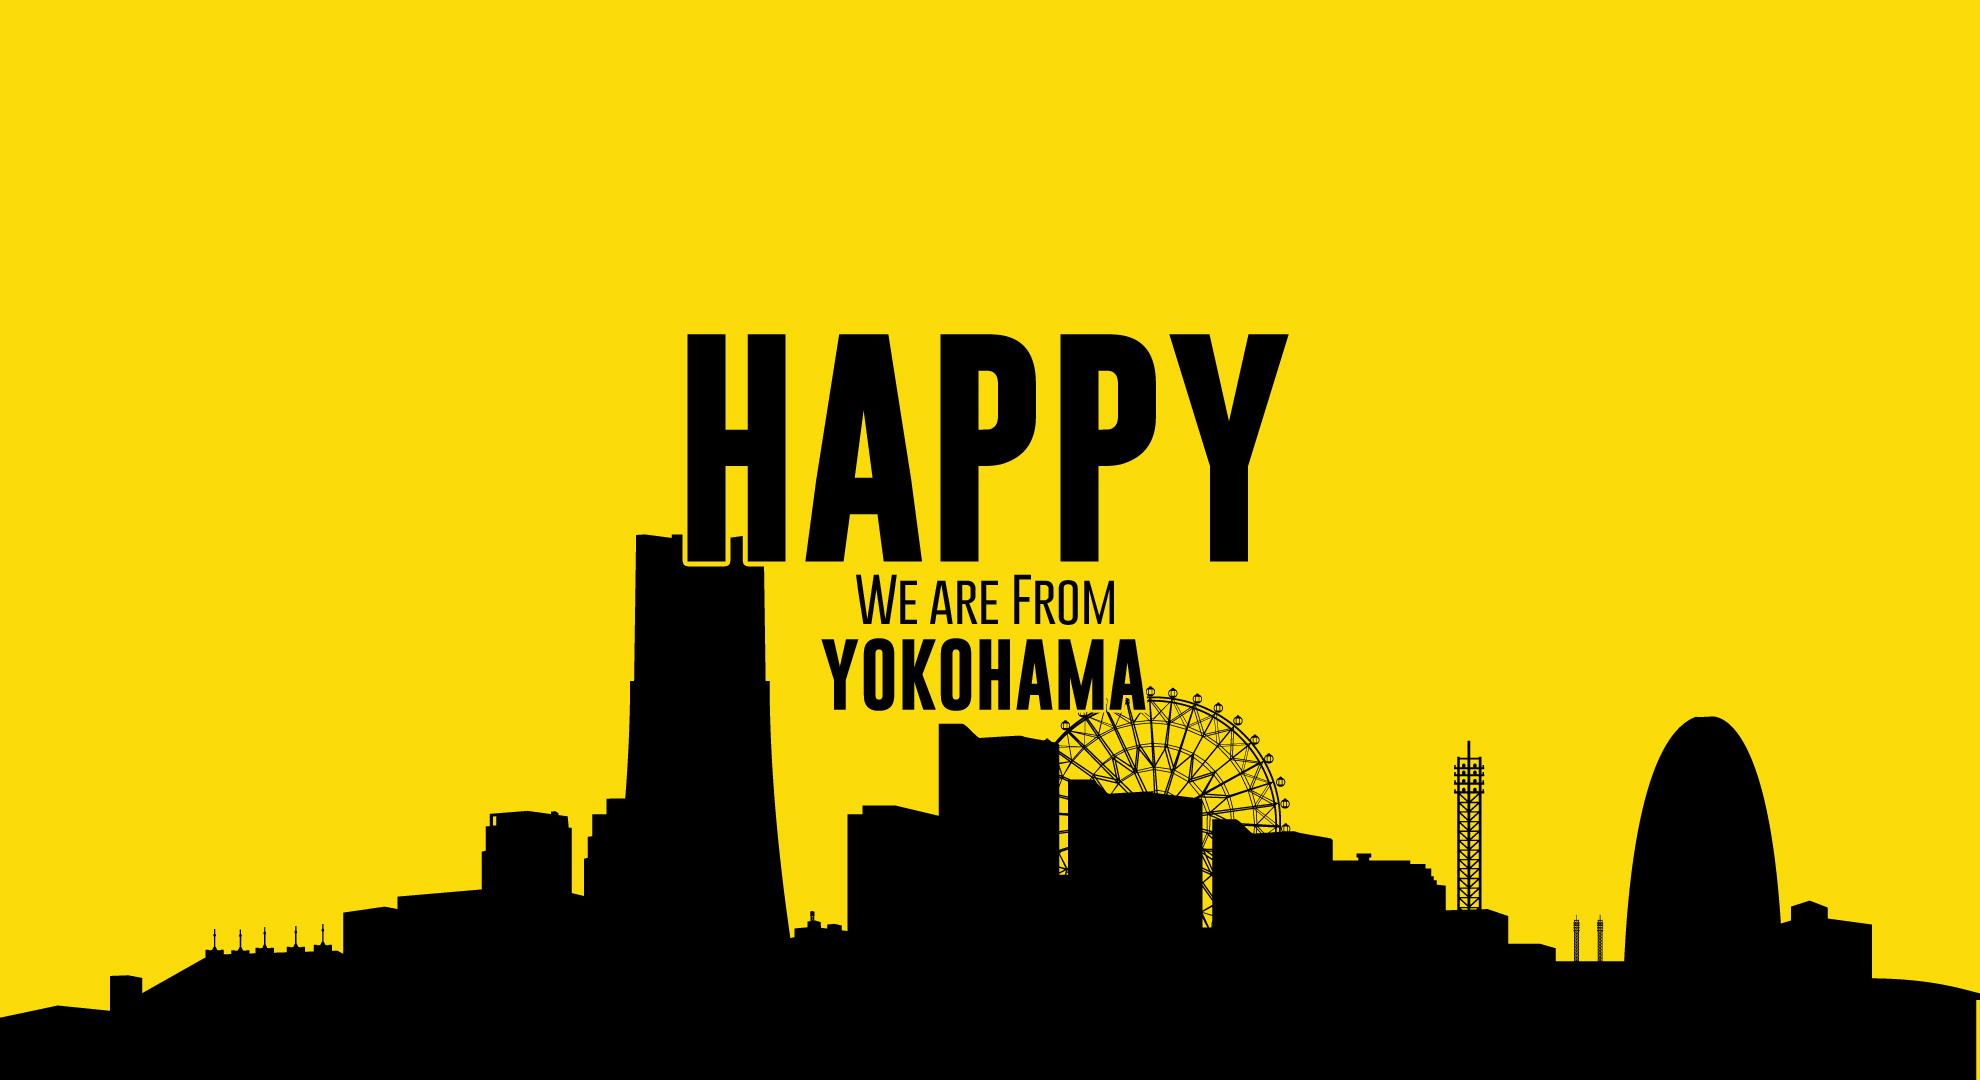 Pharrell Williams- Happy We Are From Yokohama